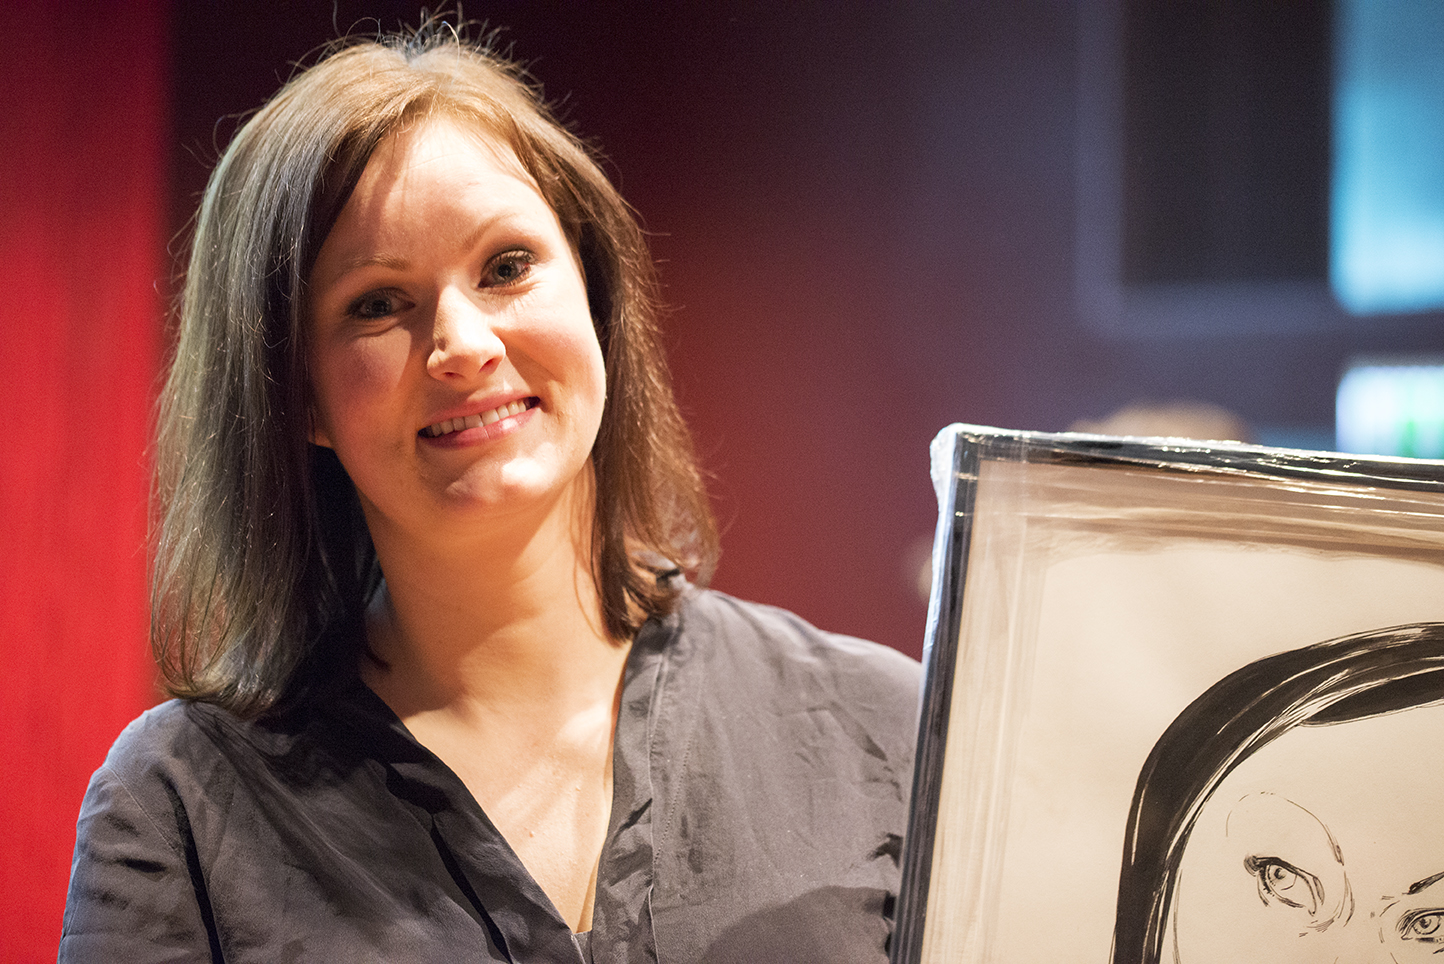 Vinner: Agnes Ravatn vant Ungdommens kritikerpris. Foto: Vibeke Røgler/Foreningen !les.